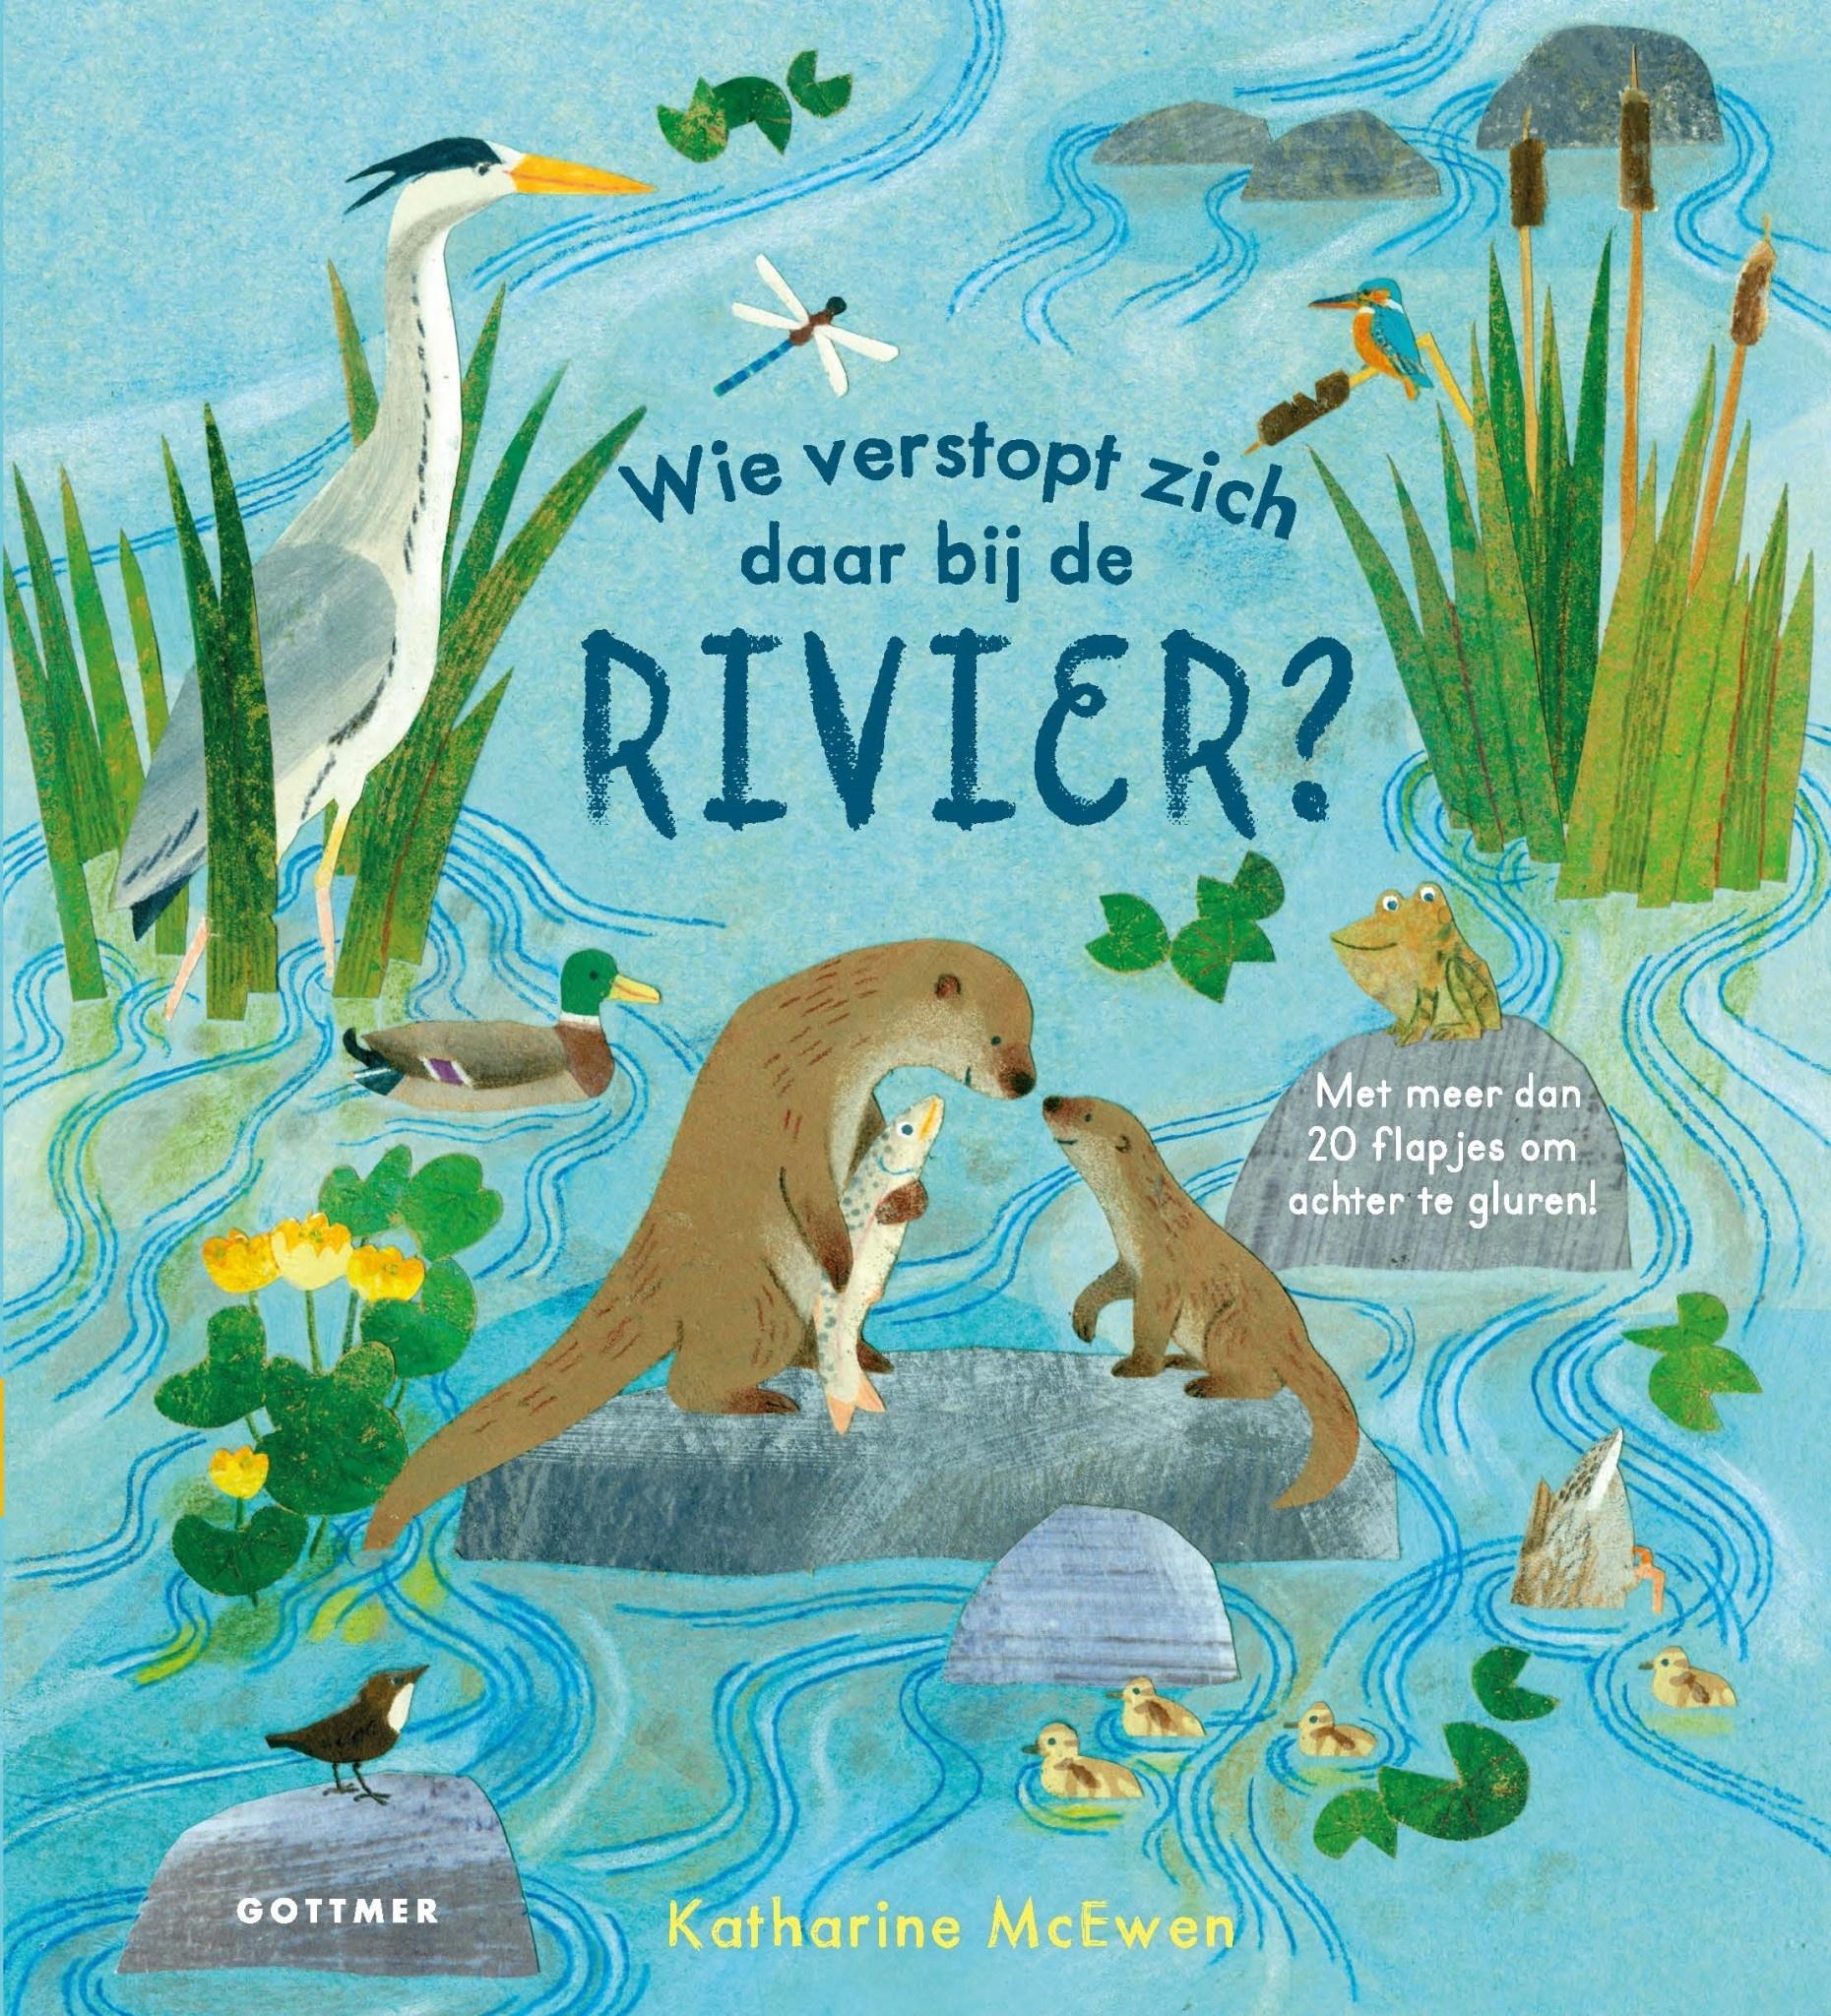 Boek- wie verstopt zich daar bij de rivier?-1